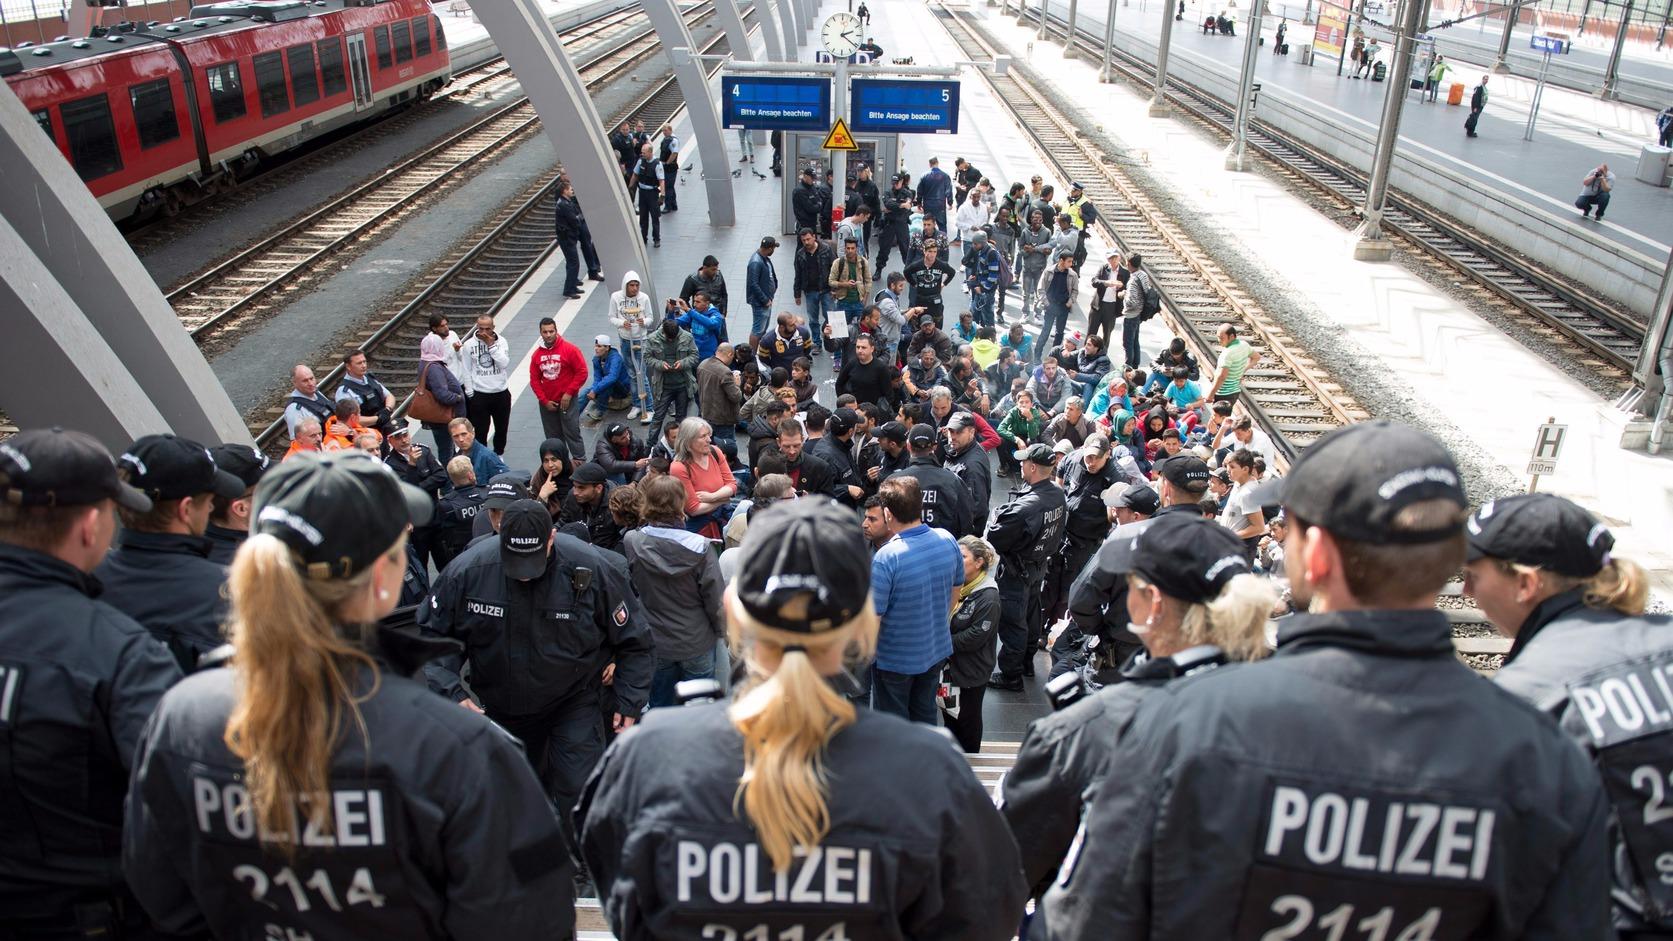 Svédországba tartó migránsok egy csoportja várakozik a lübecki vasútállomáson 2015. szeptember 8-án, miután rendőrök megállították őket. (MTI/EPA/Daniel Reinhardt)